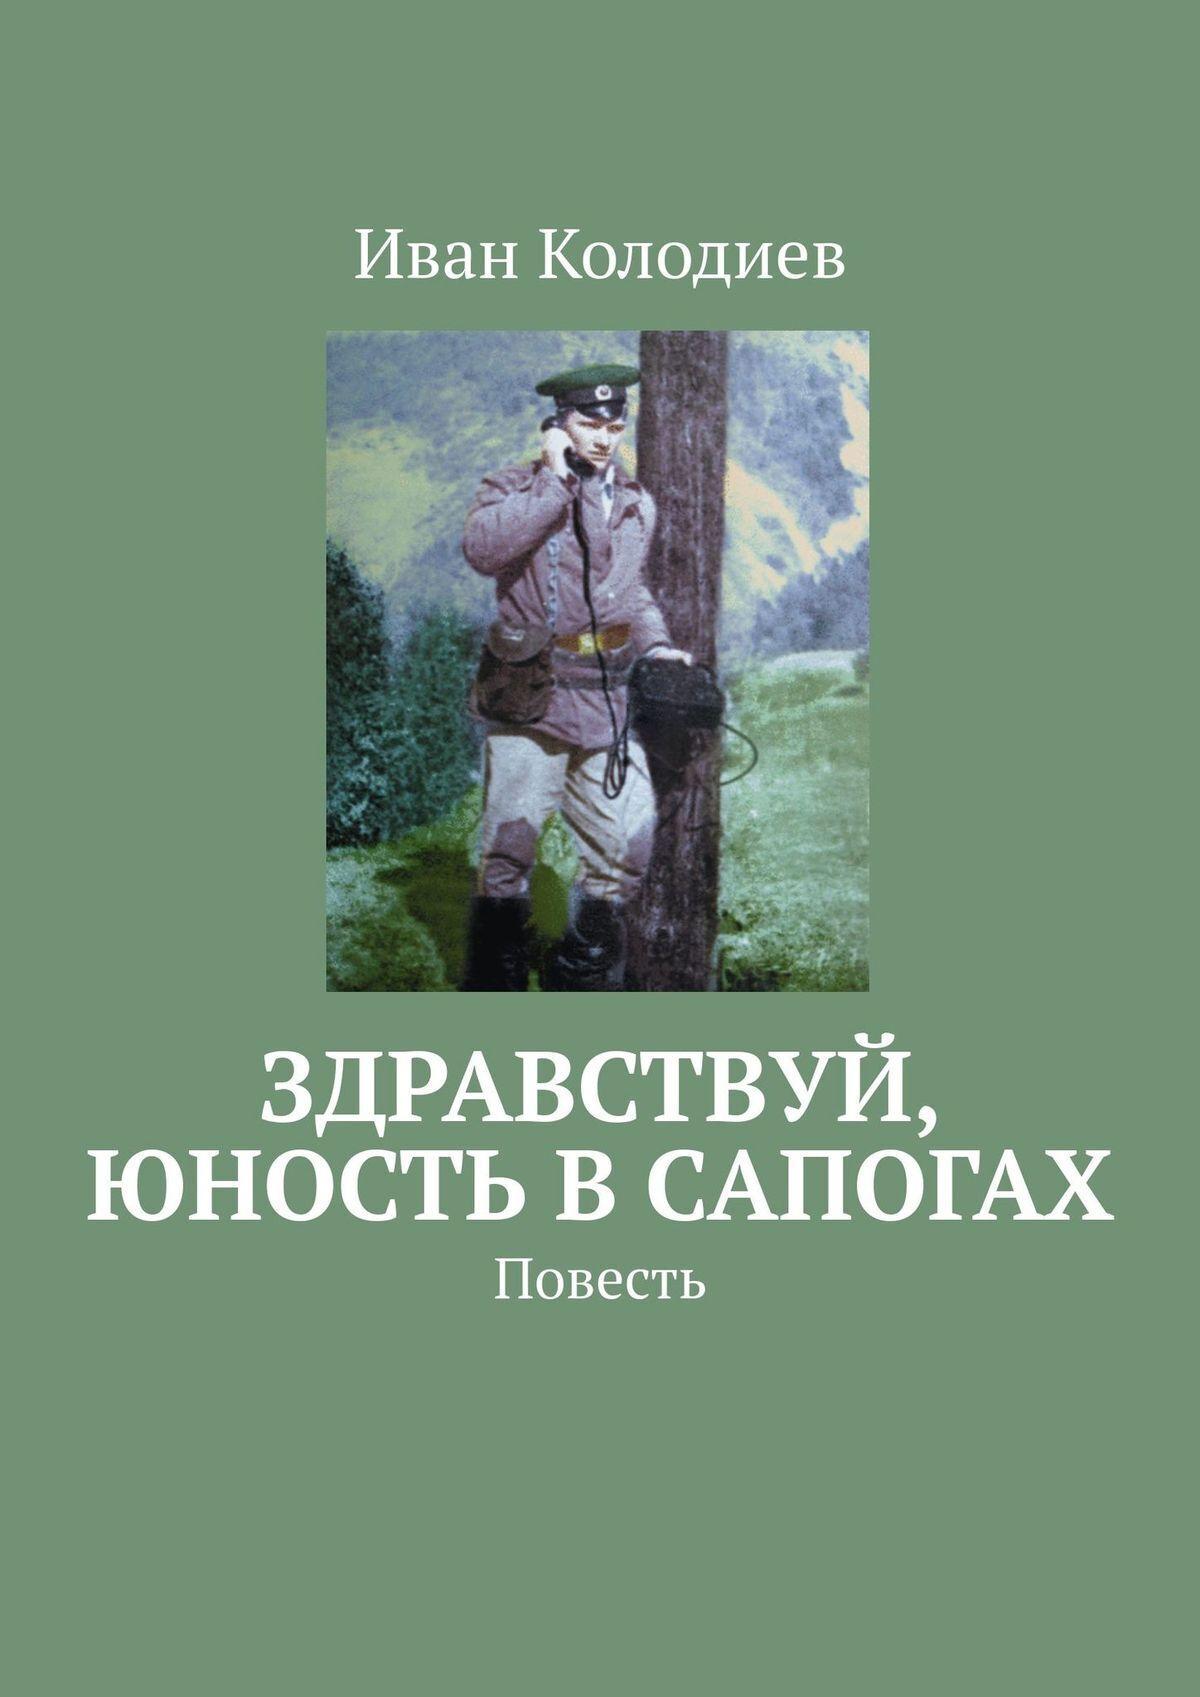 Иван Колодиев Здравствуй, юность в сапогах. Повесть иван колодиев судьба моя тебе спасибо стихи